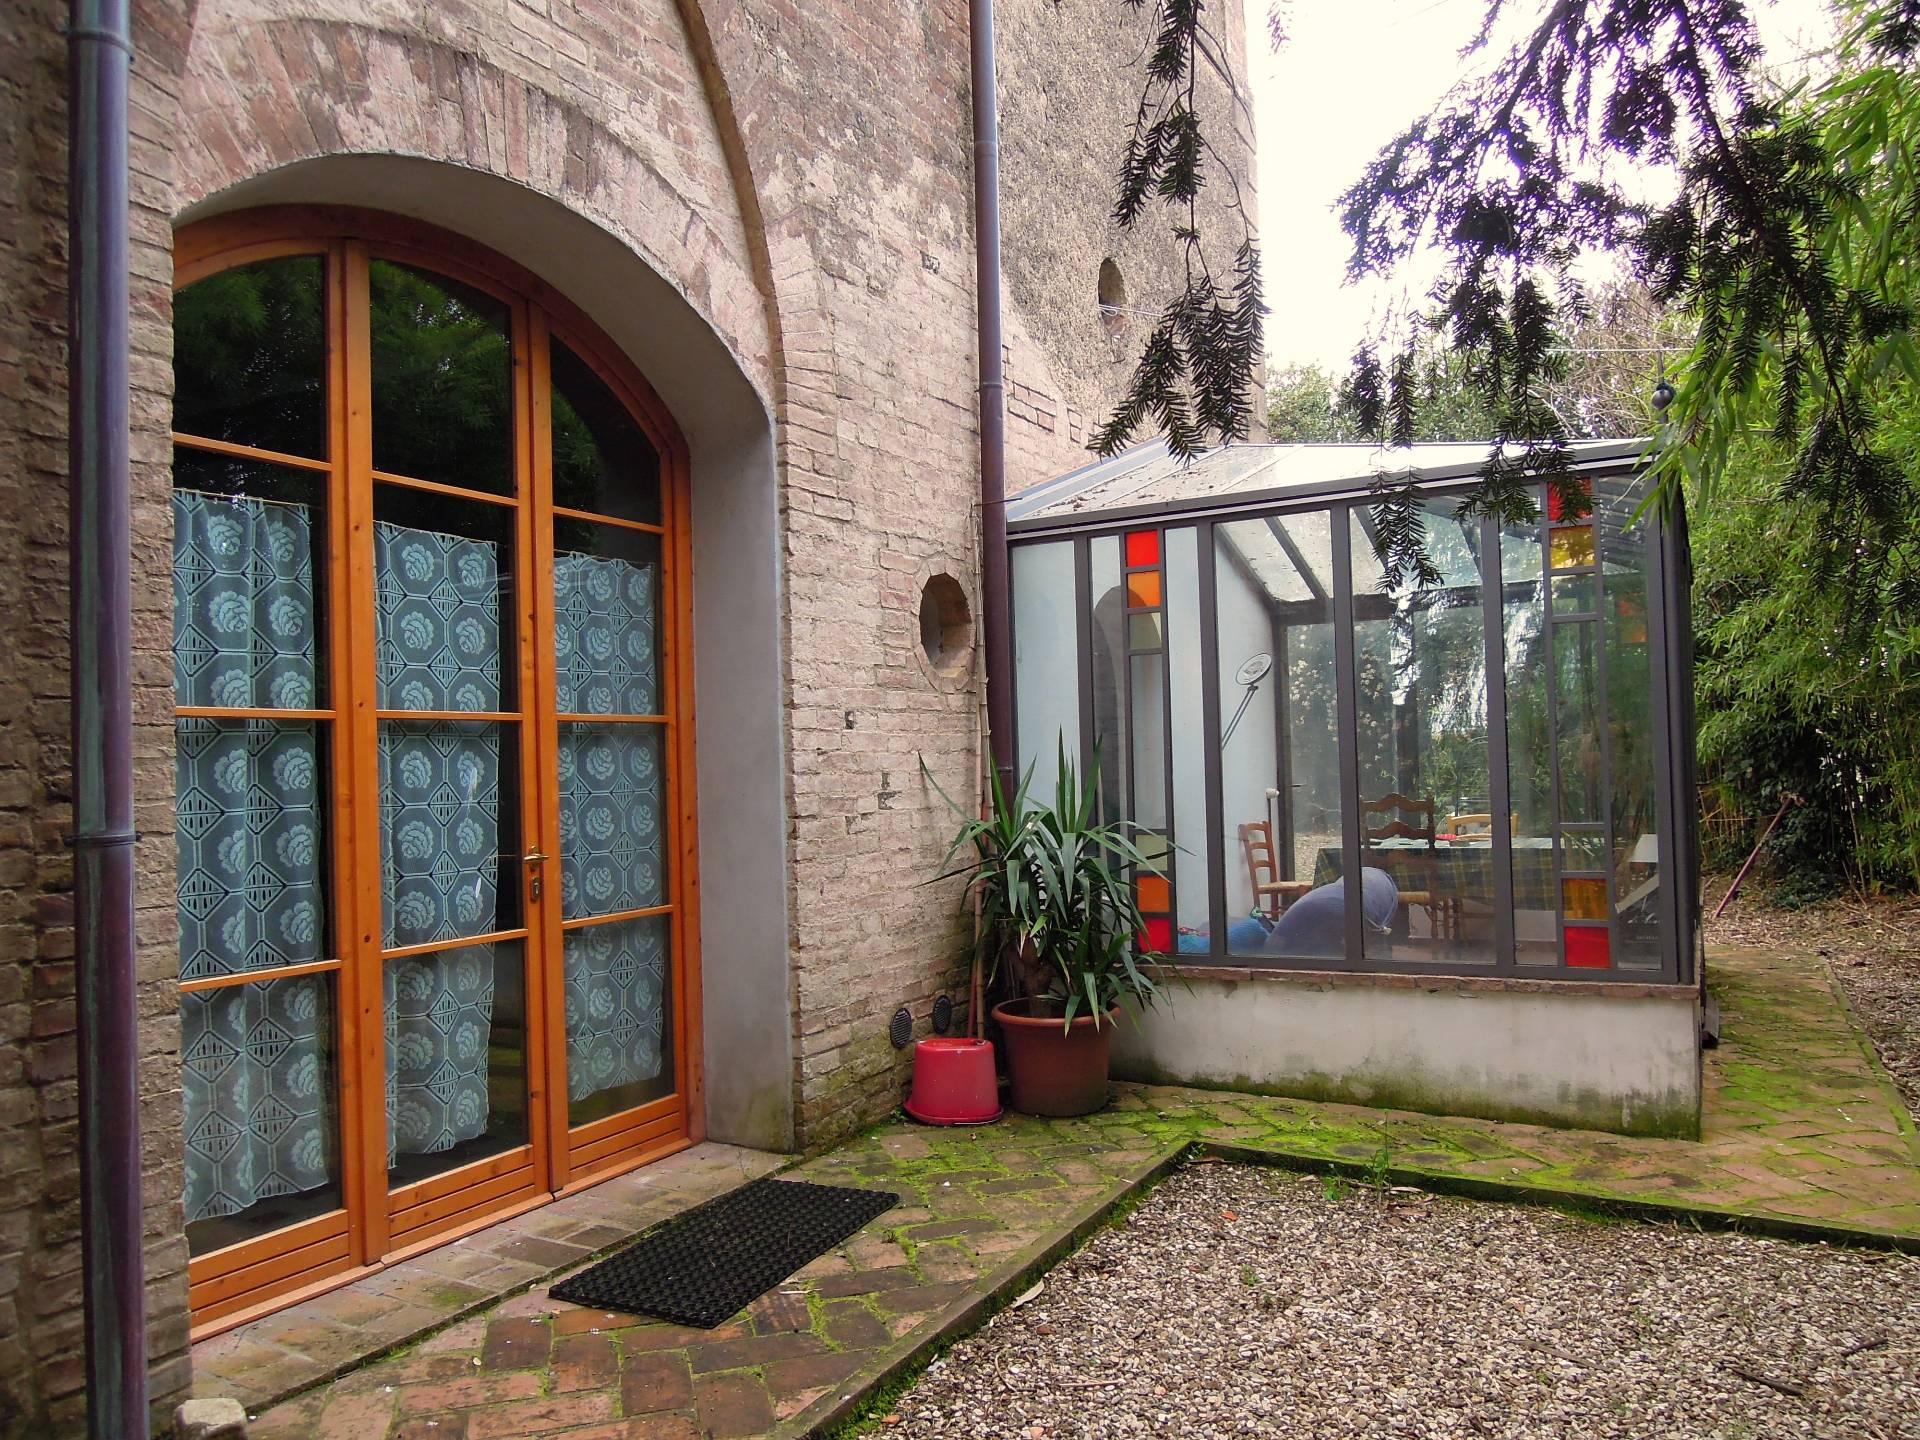 Villa in vendita a Siena, 24 locali, zona Zona: Semicentrale, prezzo € 2.400.000 | Cambio Casa.it